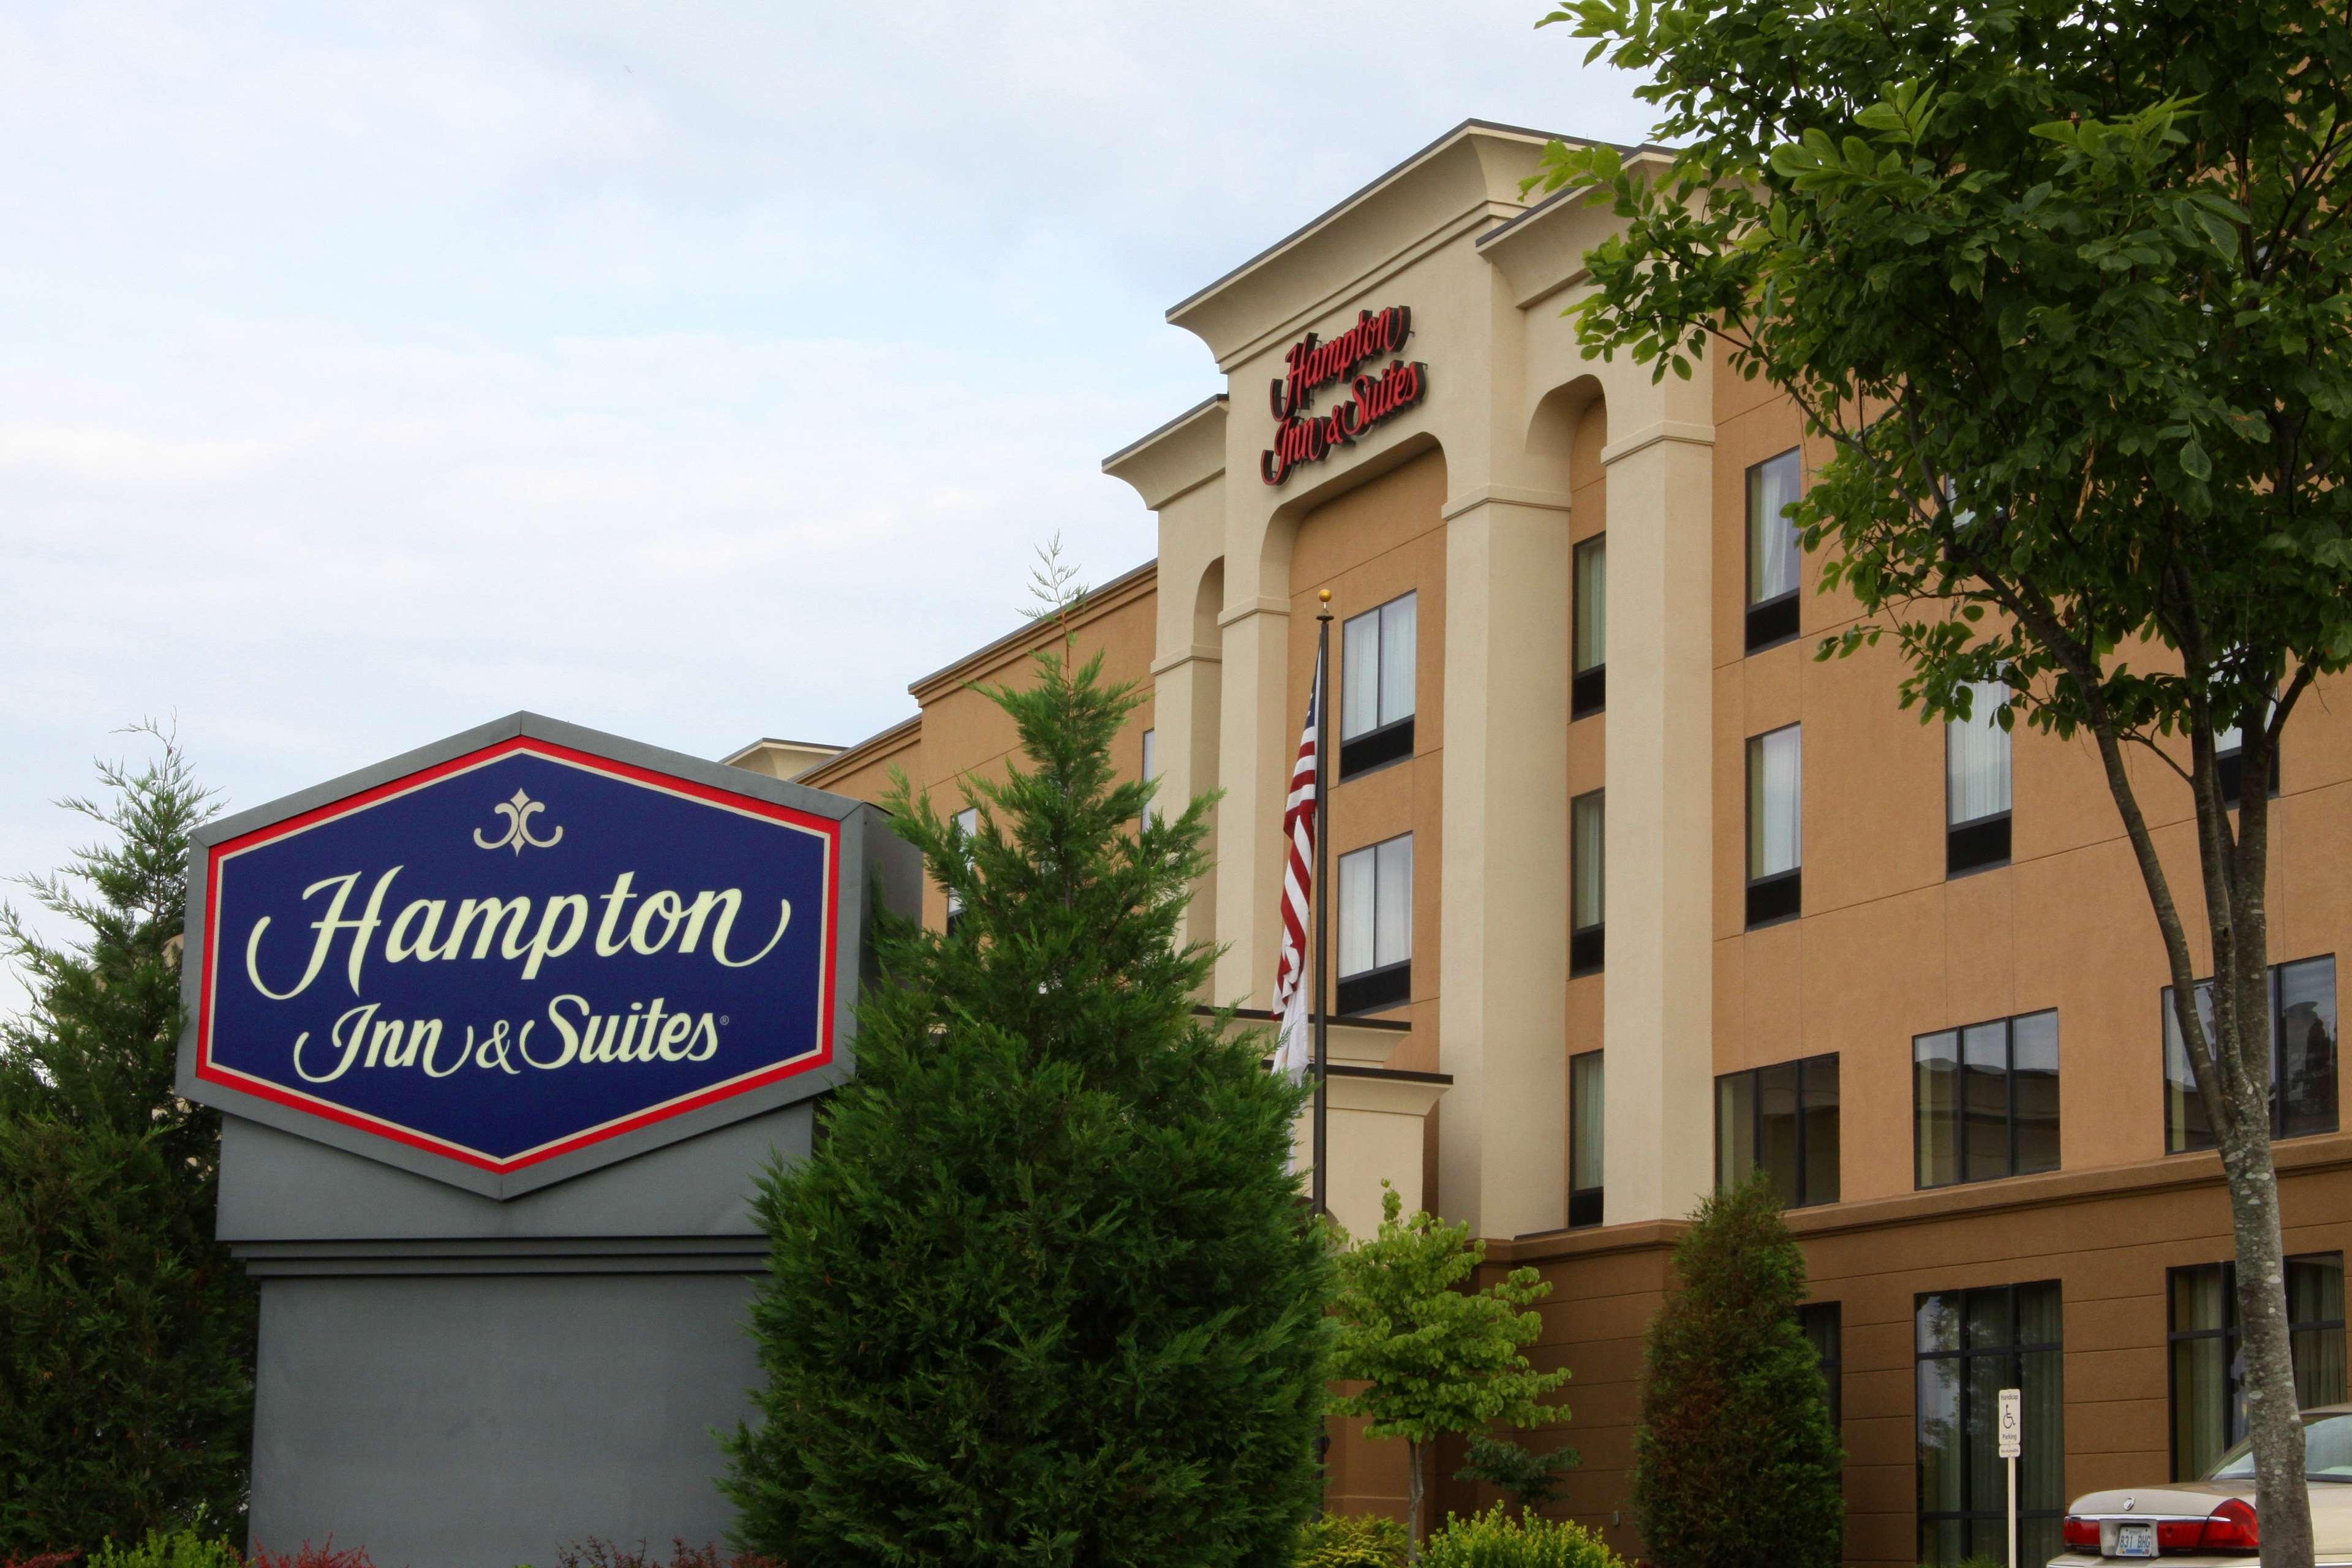 Hampton Inn & Suites Paducah image 0